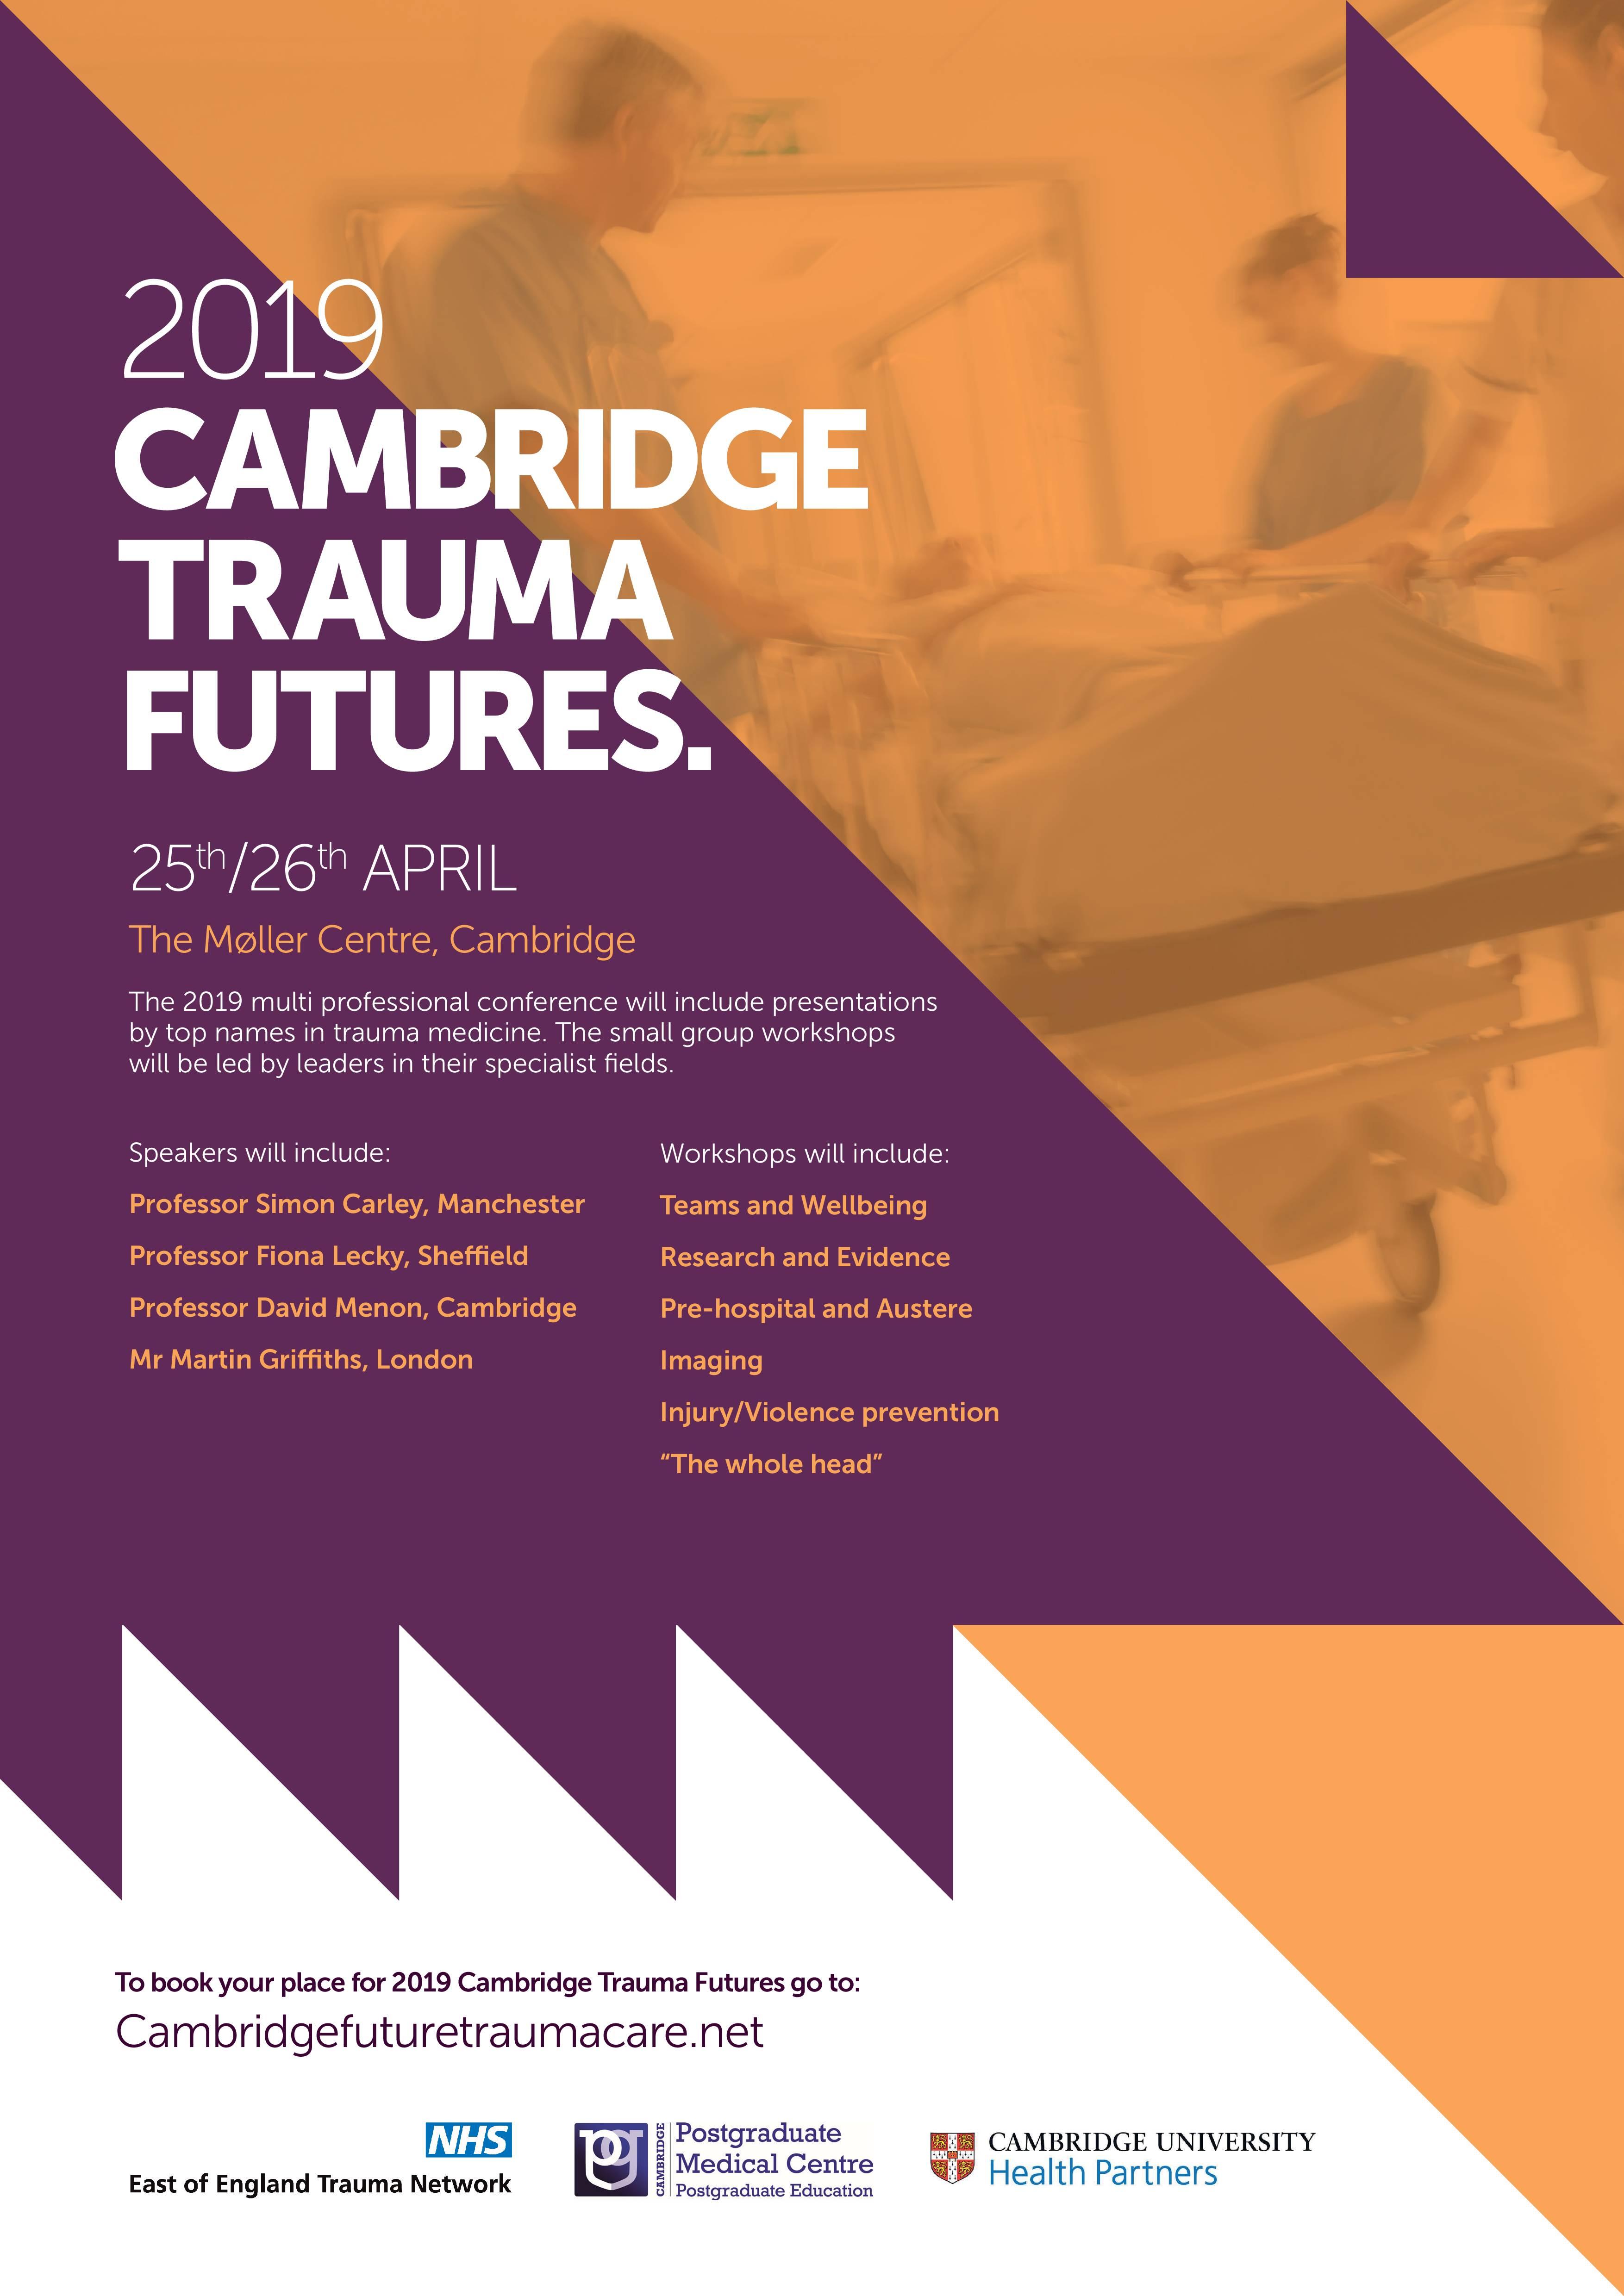 Cambridge Trauma Futures 2019 - Cambridge Postgraduate